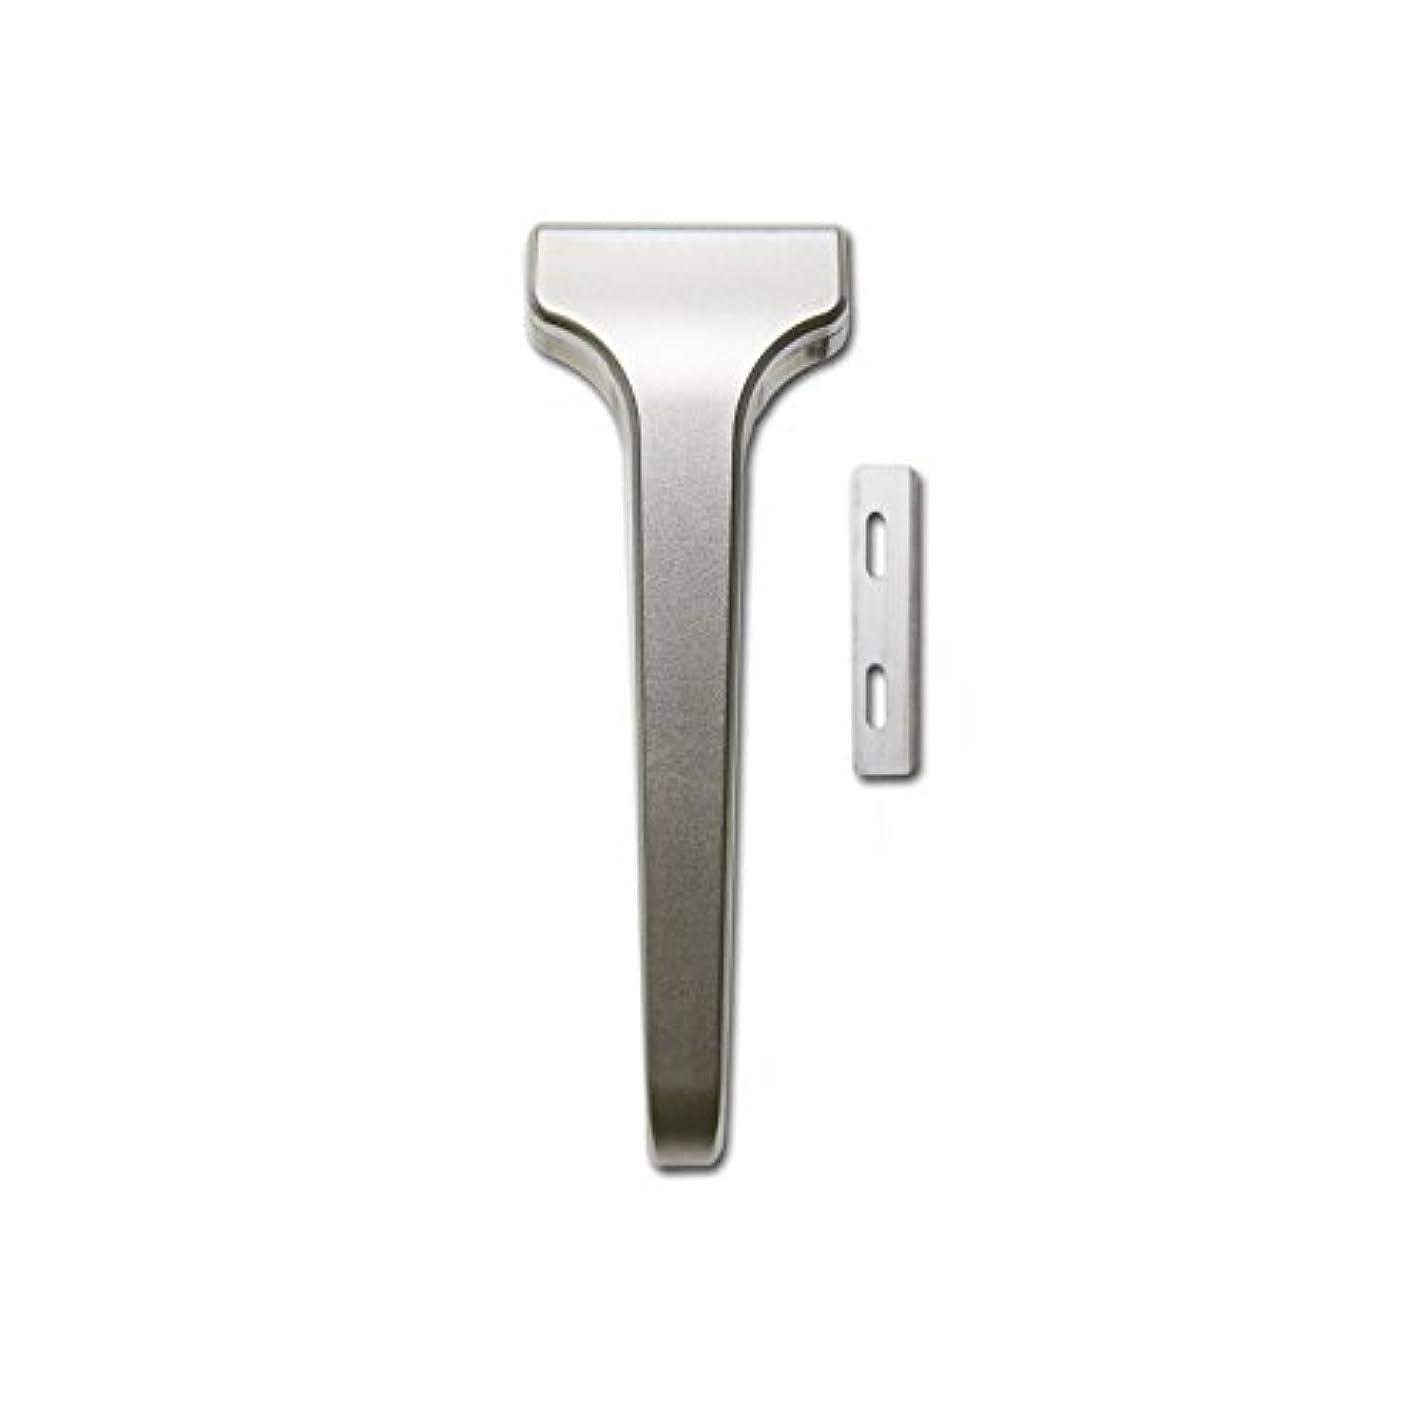 エキスパートフェンスバックアップSUPPLY The Single Edge 2.0 片刃カミソリ 剃刀 インジェクター刃互換 本体+替刃 20枚付